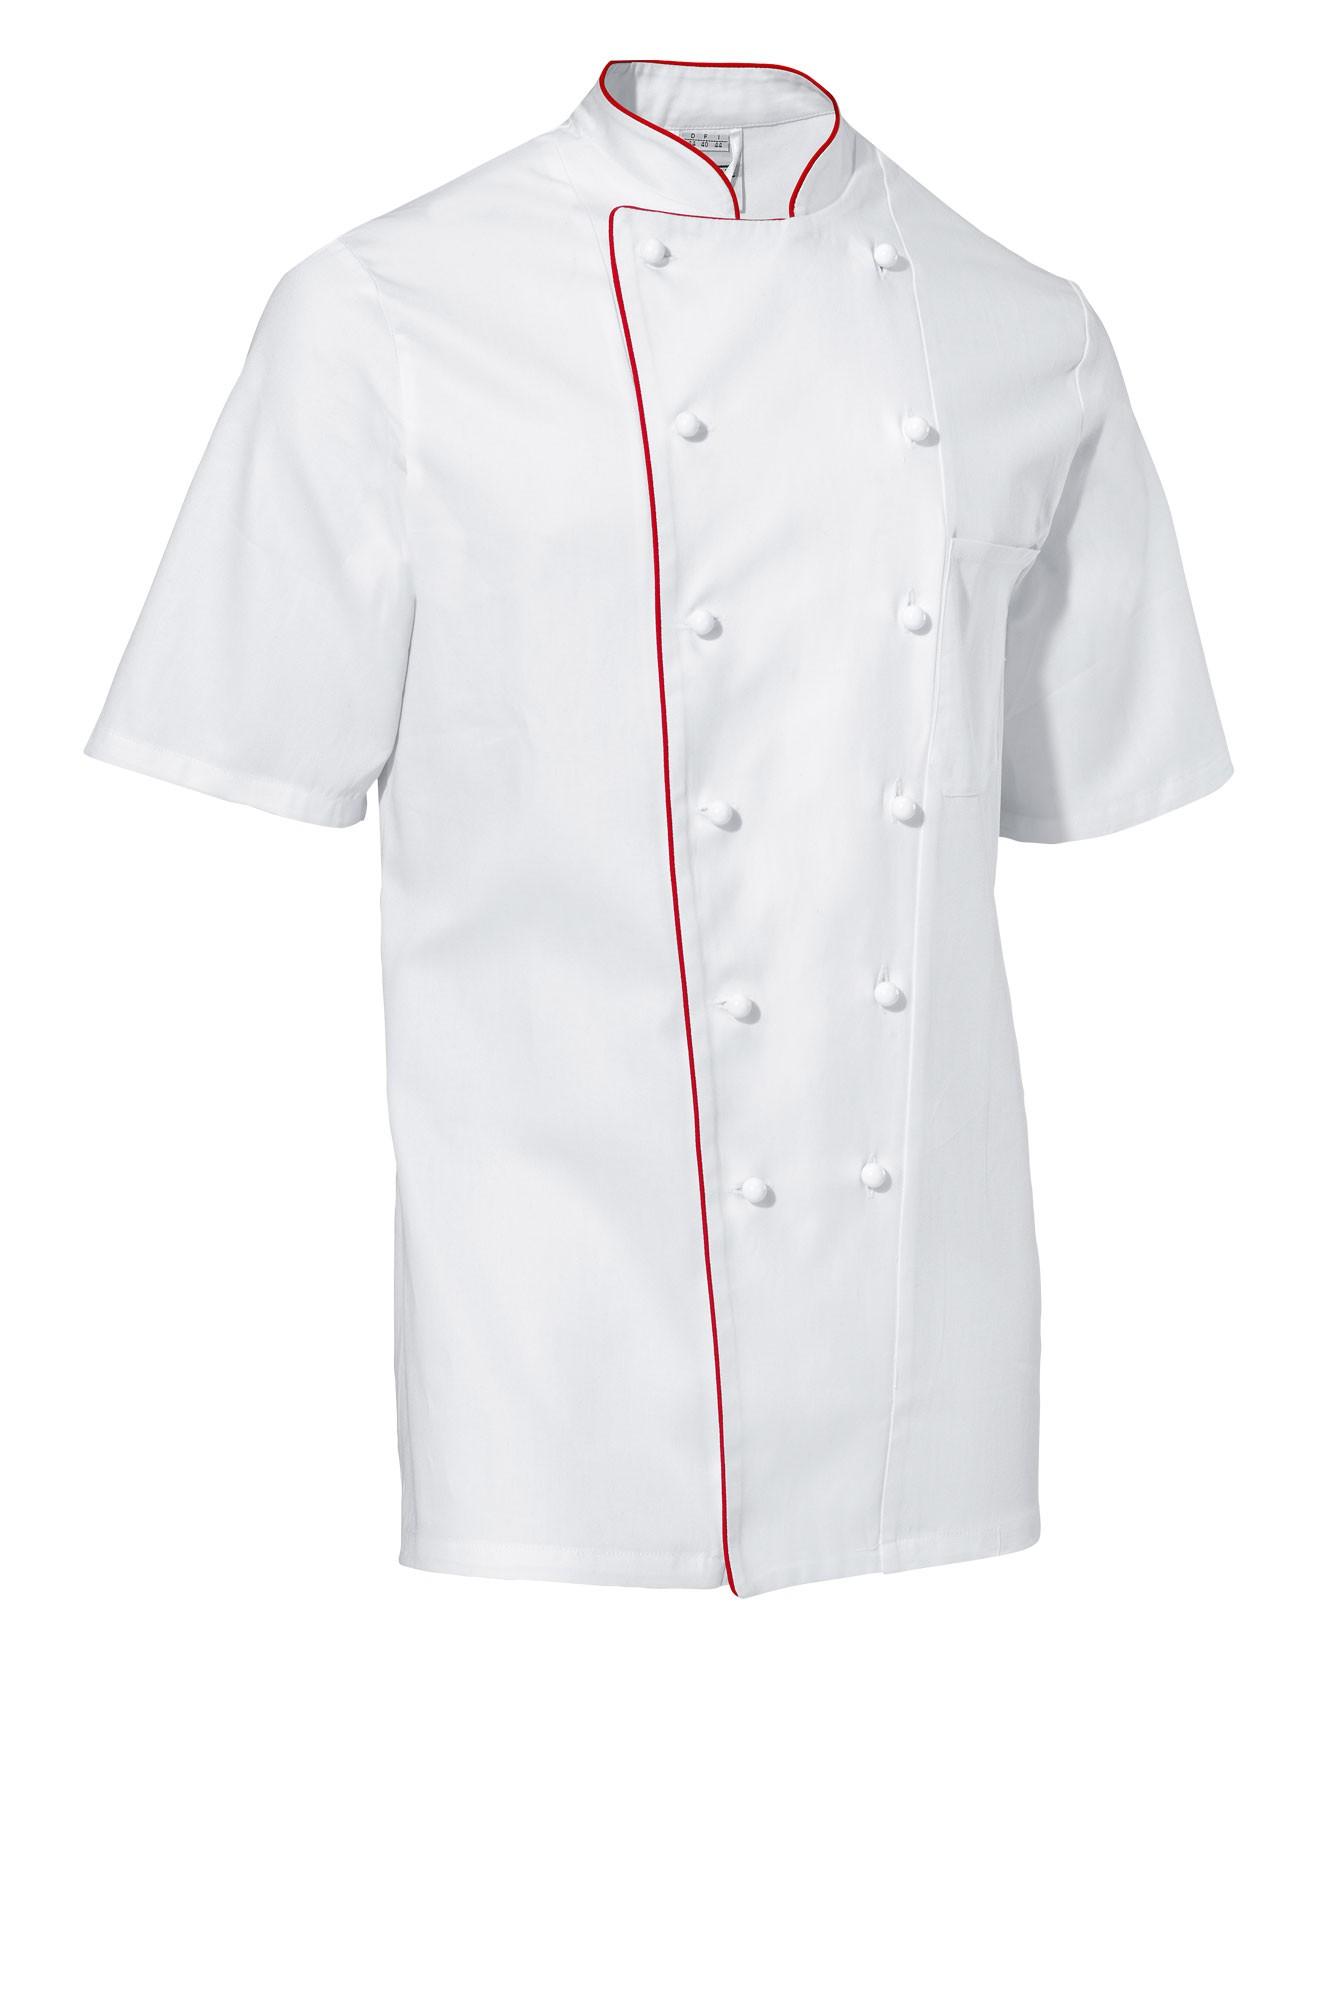 Rondon Samuel - krátký rukáv - bílá/červené lemování